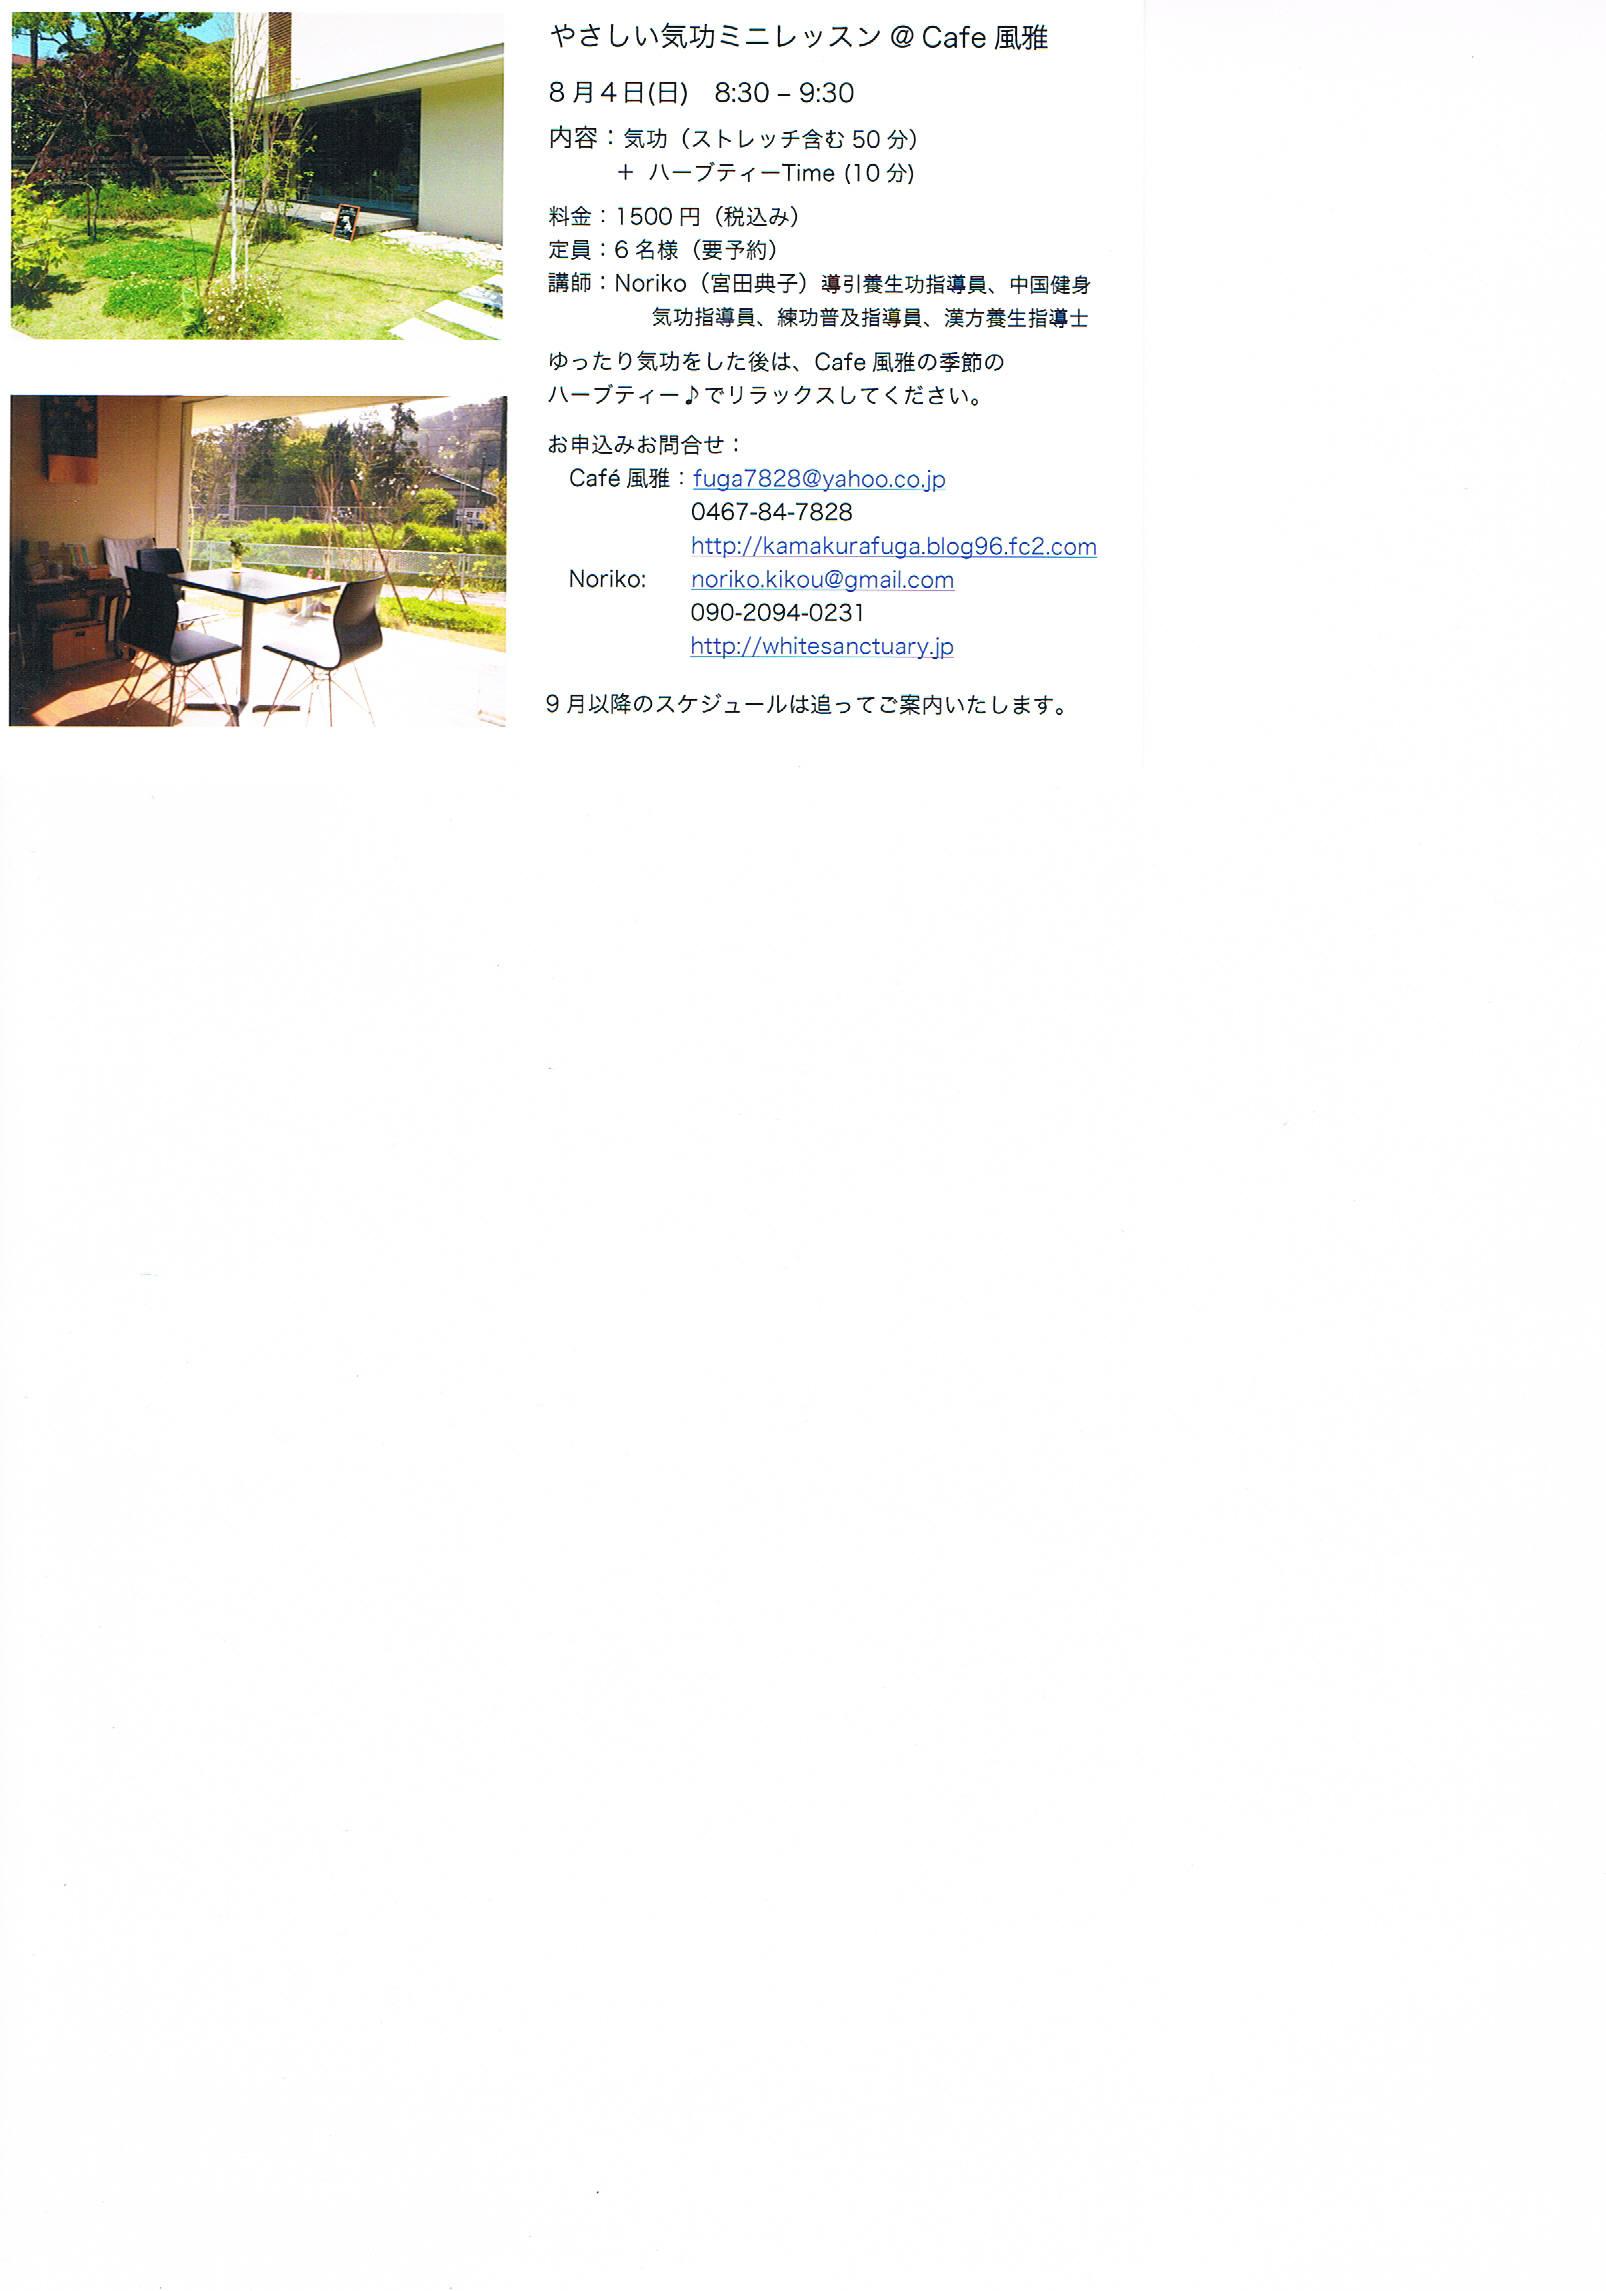 CCE20130705_00000.jpg